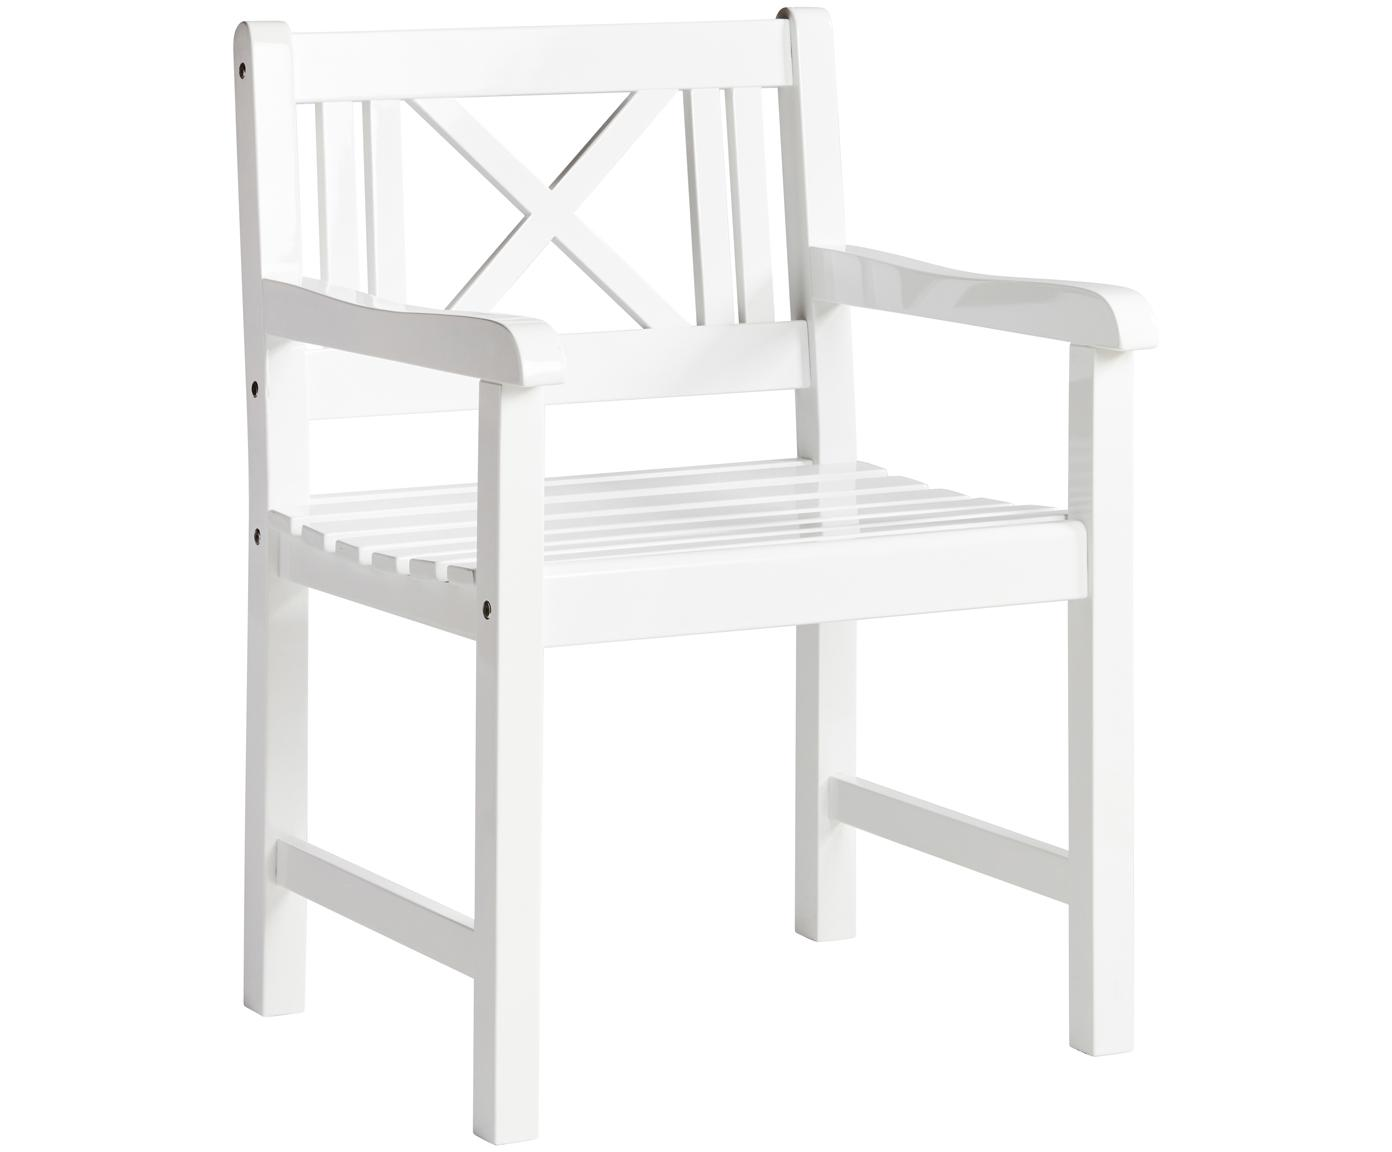 Krzesło ogrodowe z drewna Rosenborg, Drewno mahoniowe, lakierowane, Biały, 59 x 89 cm